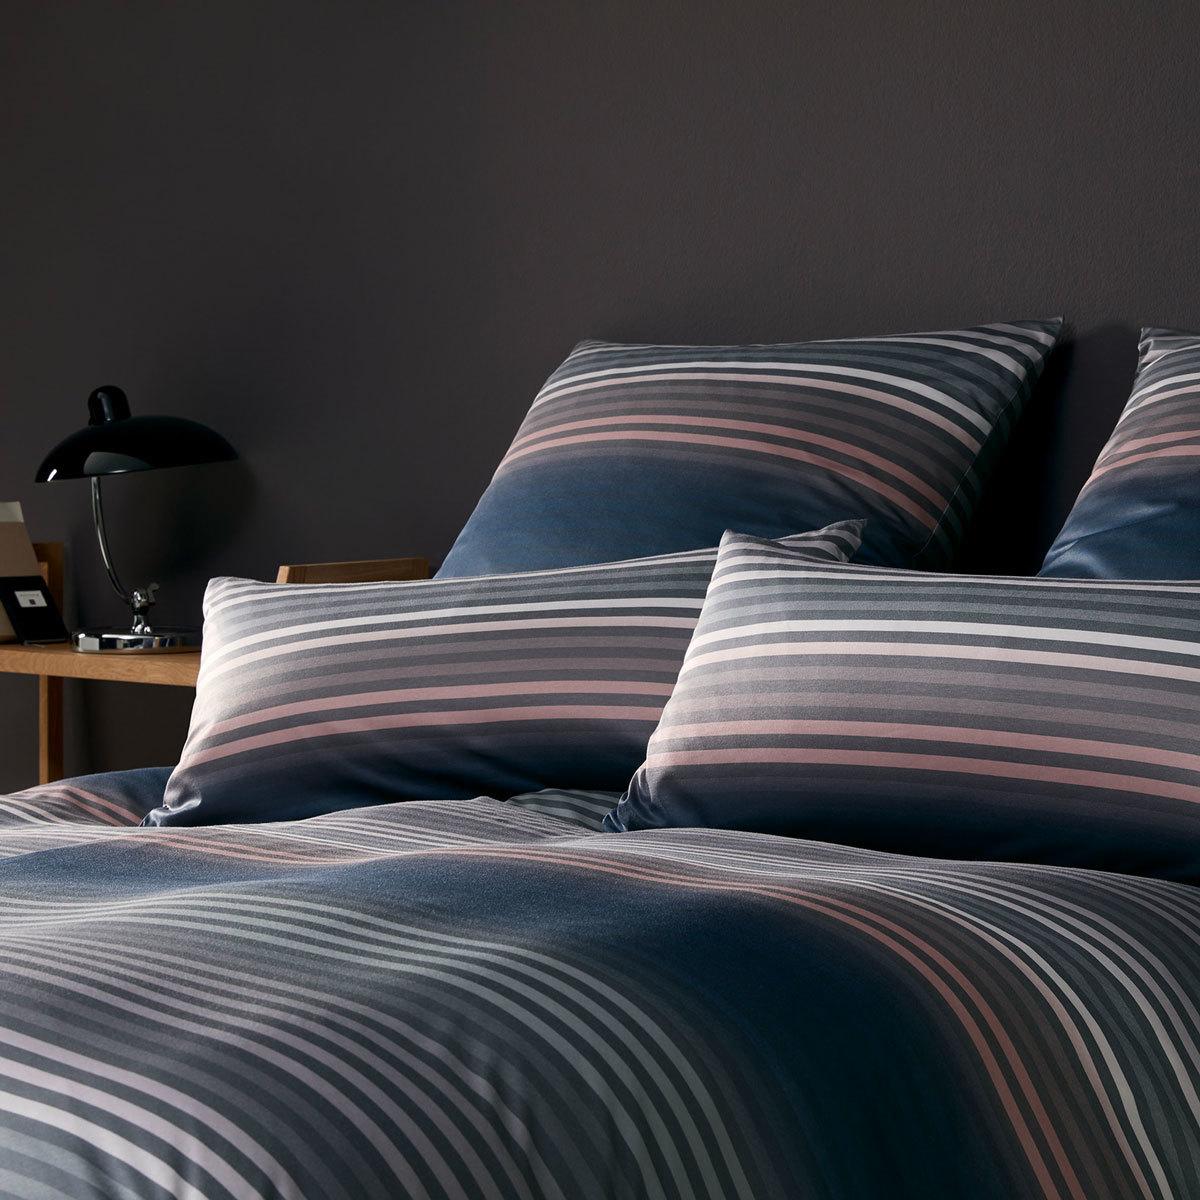 elegante jersey bettw sche shades rose blau g nstig online kaufen bei bettwaren shop. Black Bedroom Furniture Sets. Home Design Ideas